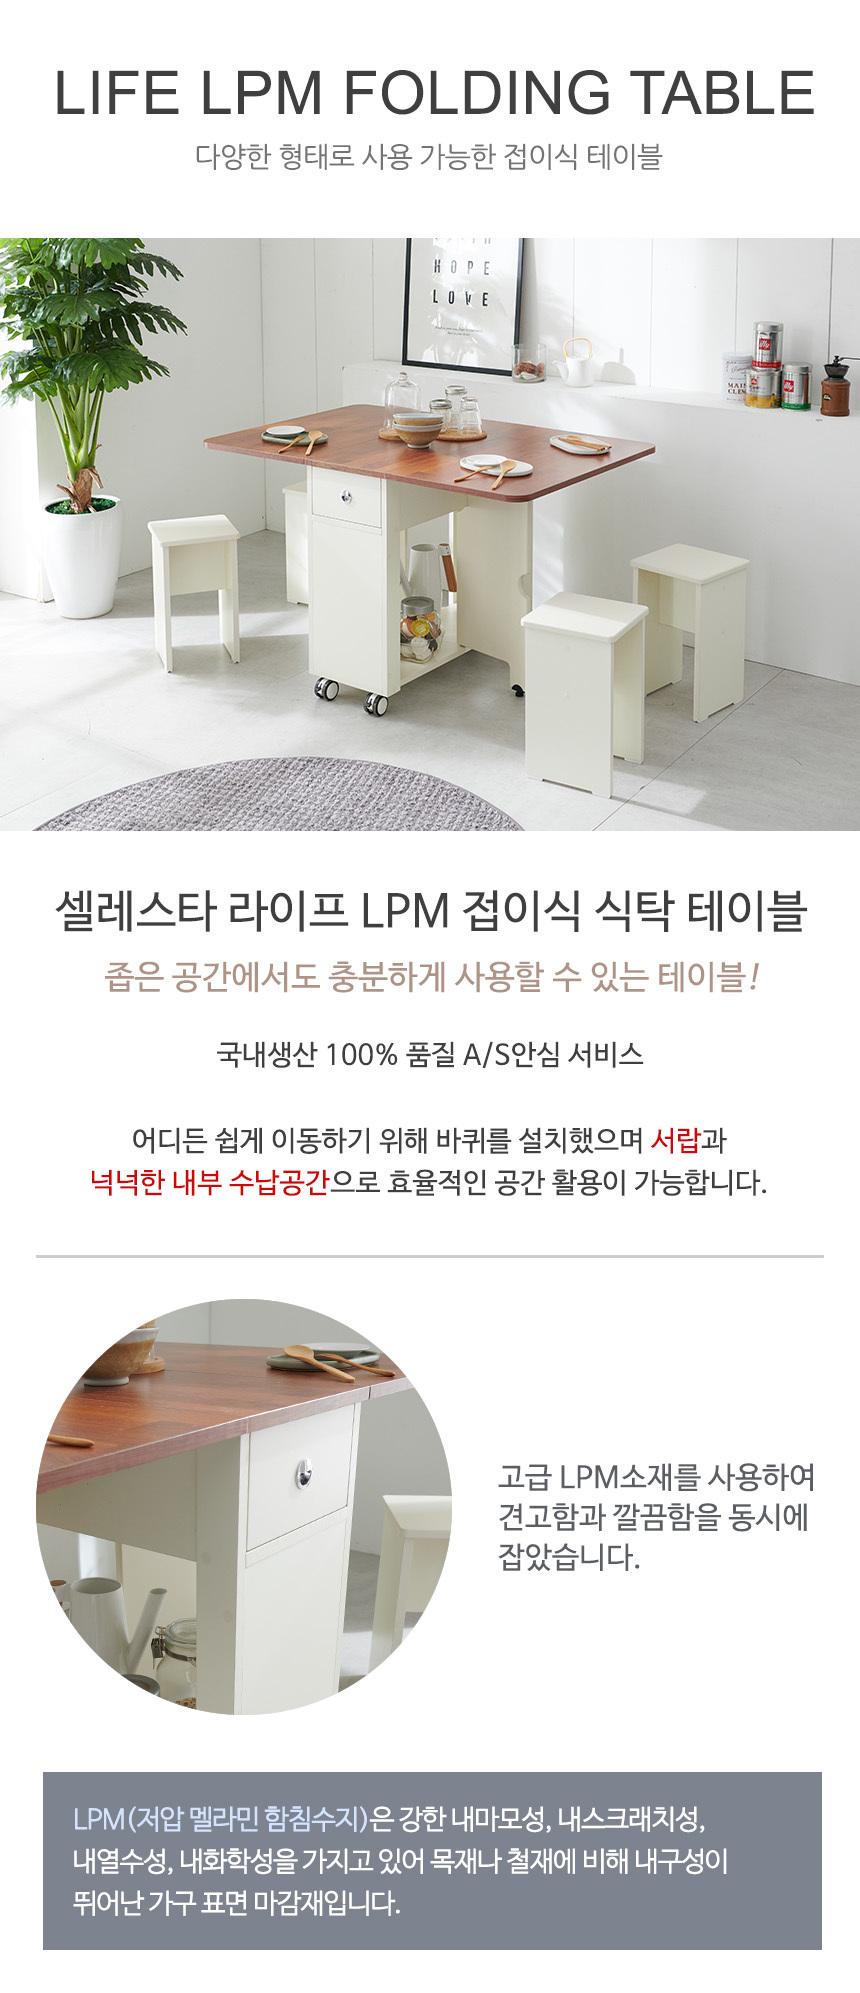 라이프 LPM 접이식 확장 테이블(+스툴 2) - 셀레스타, 228,900원, 식탁/의자, 4인 식탁/세트